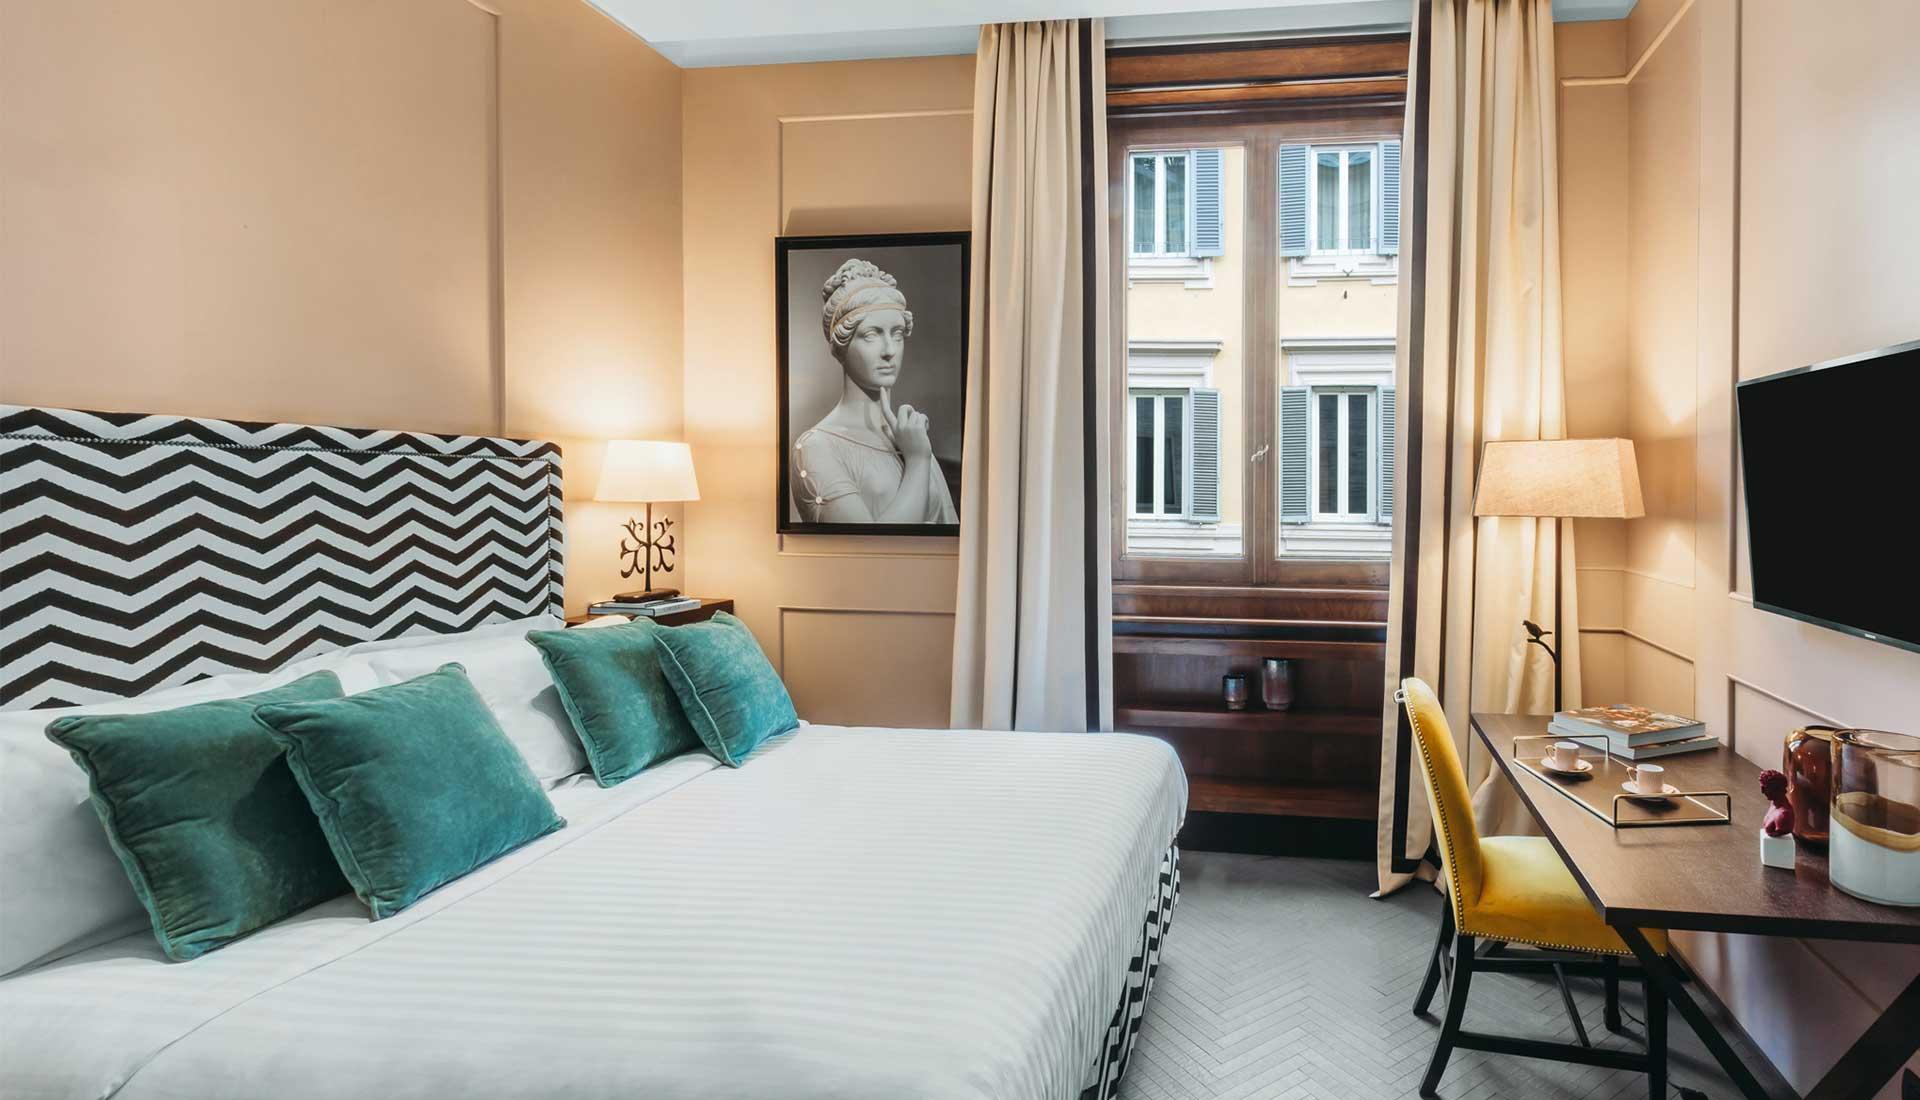 singer-hotel-portfolio-ph-3